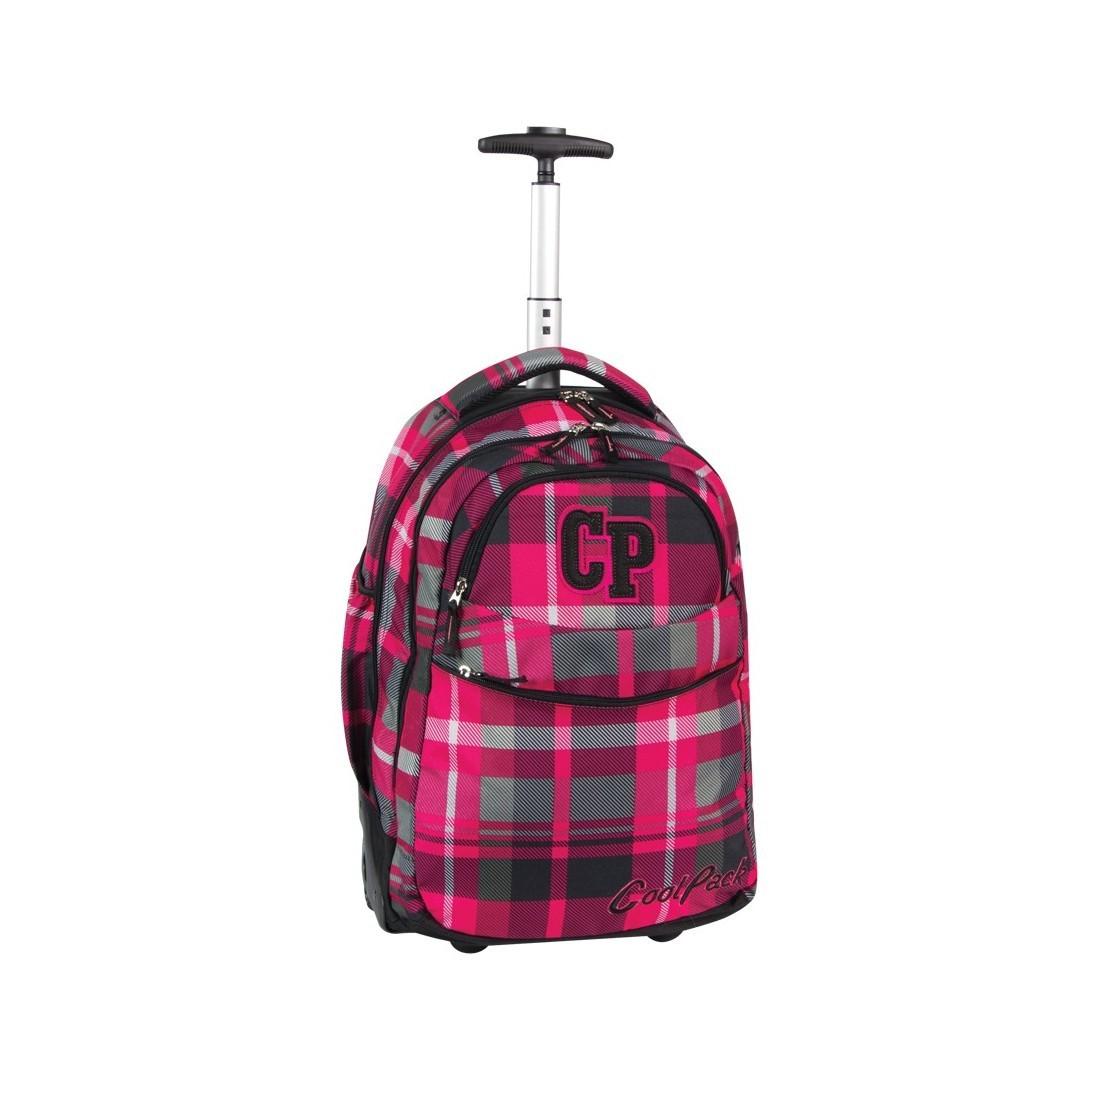 Plecak CoolPack na kółkach dla dziewczynki w kratę - CP 103